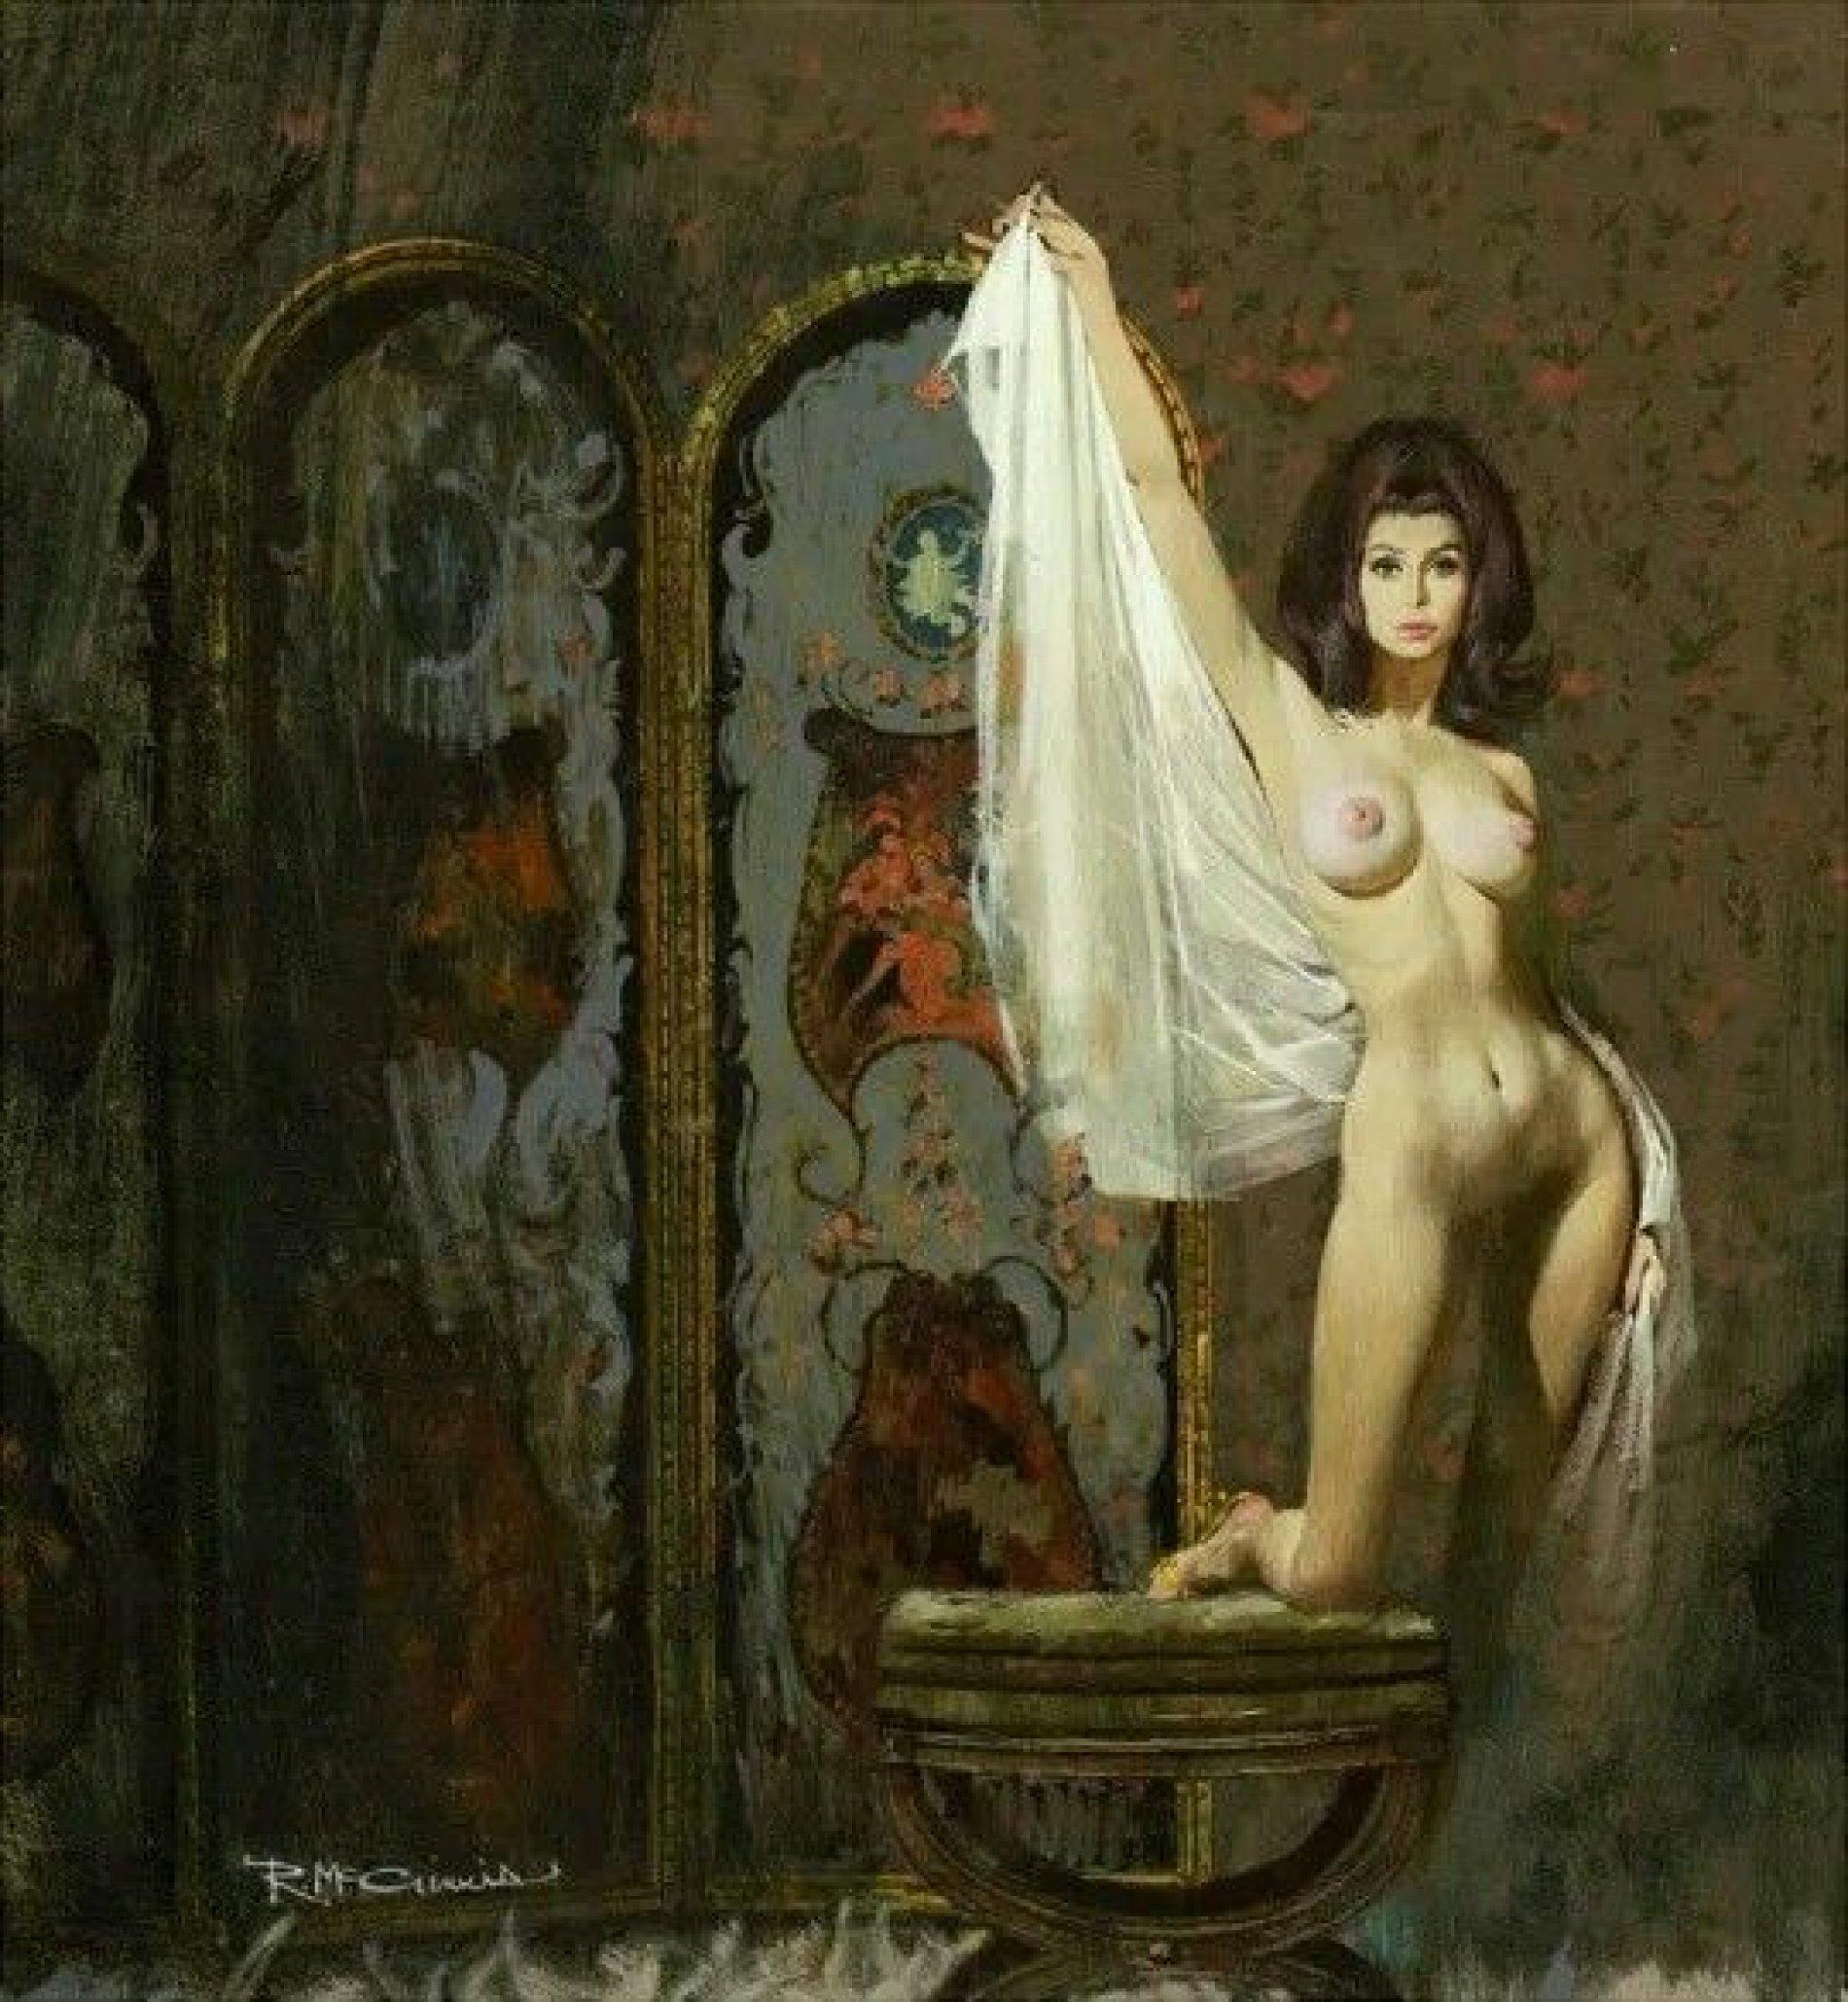 Kunstzinnig met een vleugje seks: Robert McGinnis